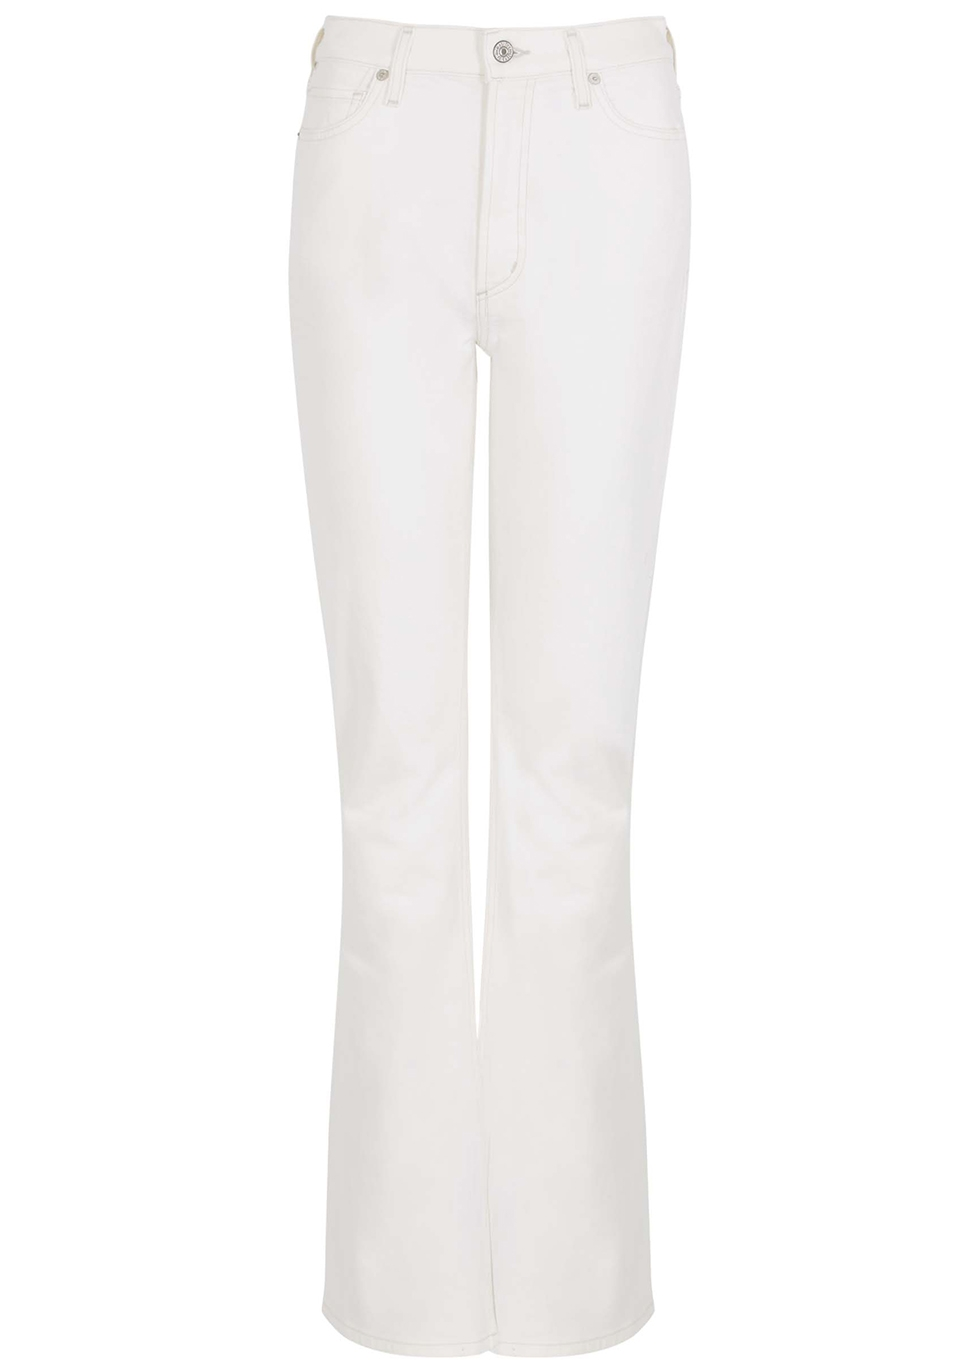 Georgia white bootcut jeans